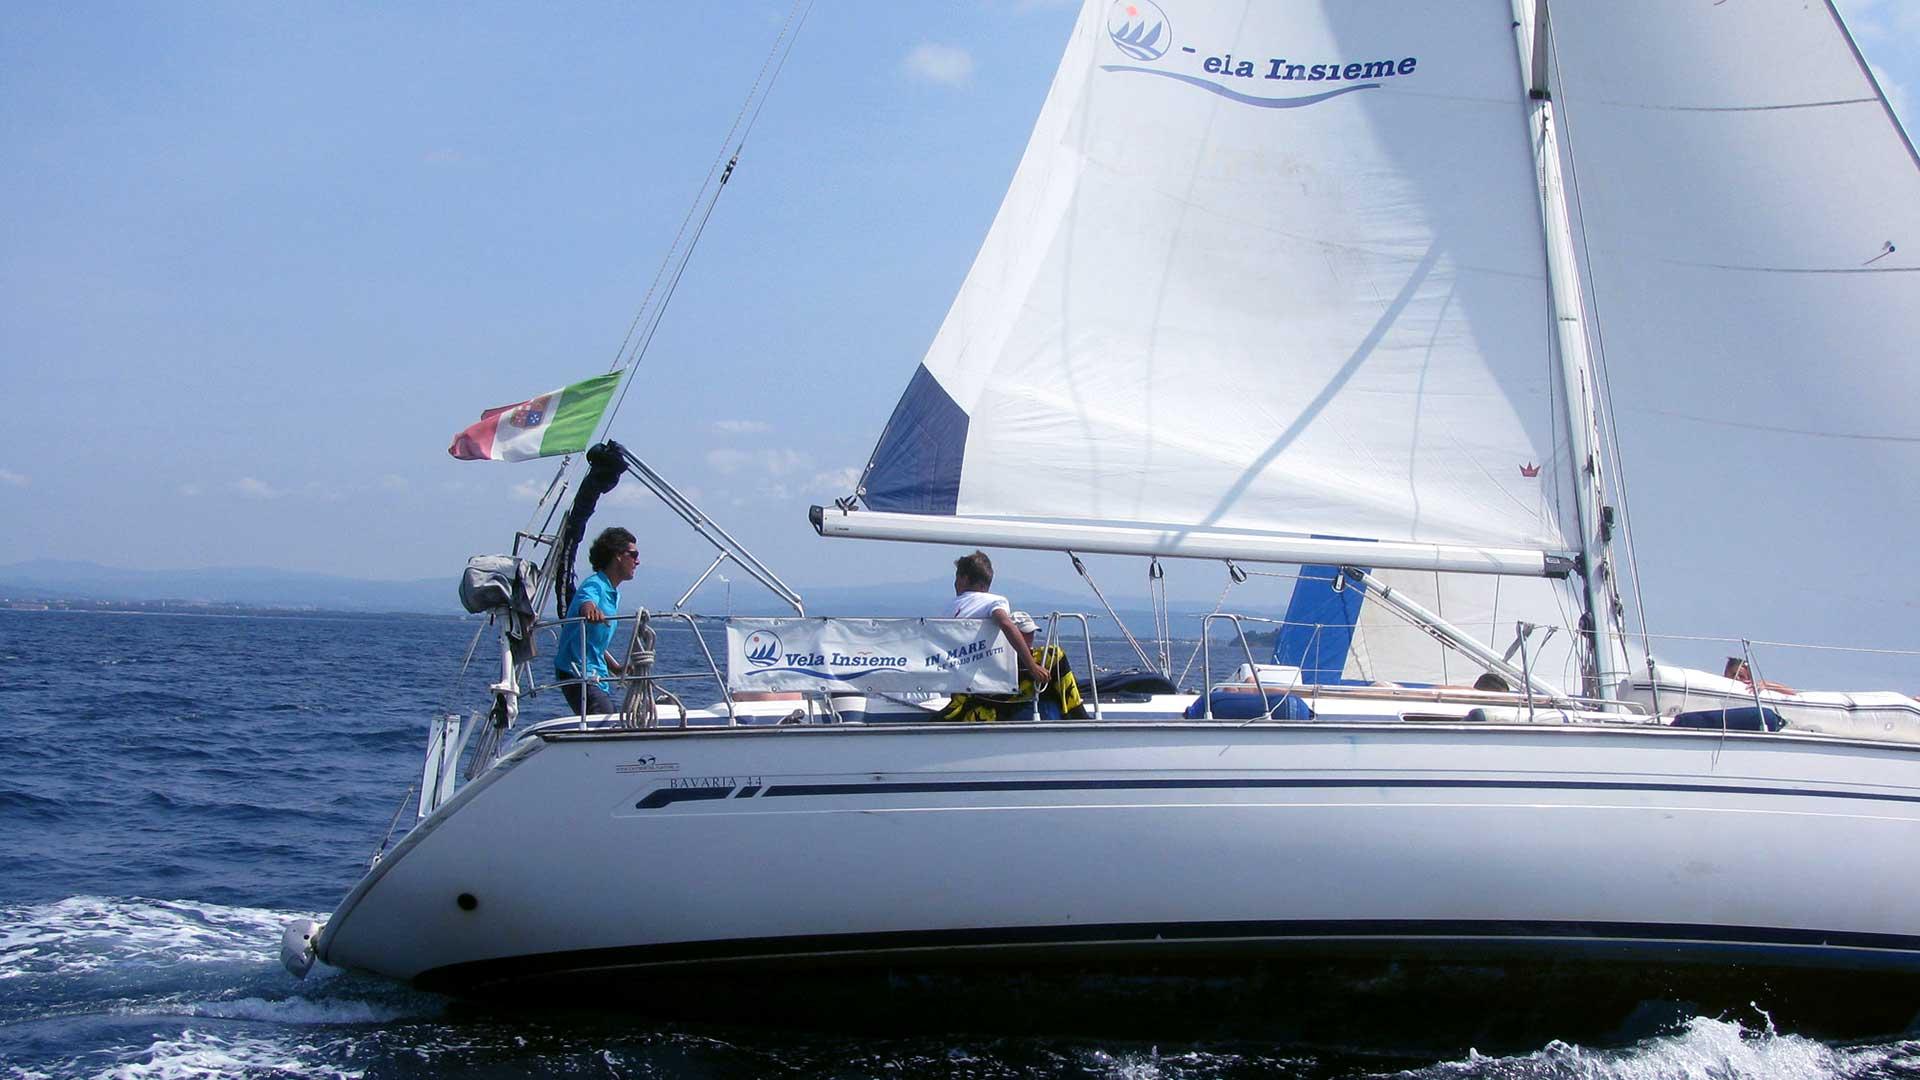 vela-insieme-16-regata-amicizia-barca